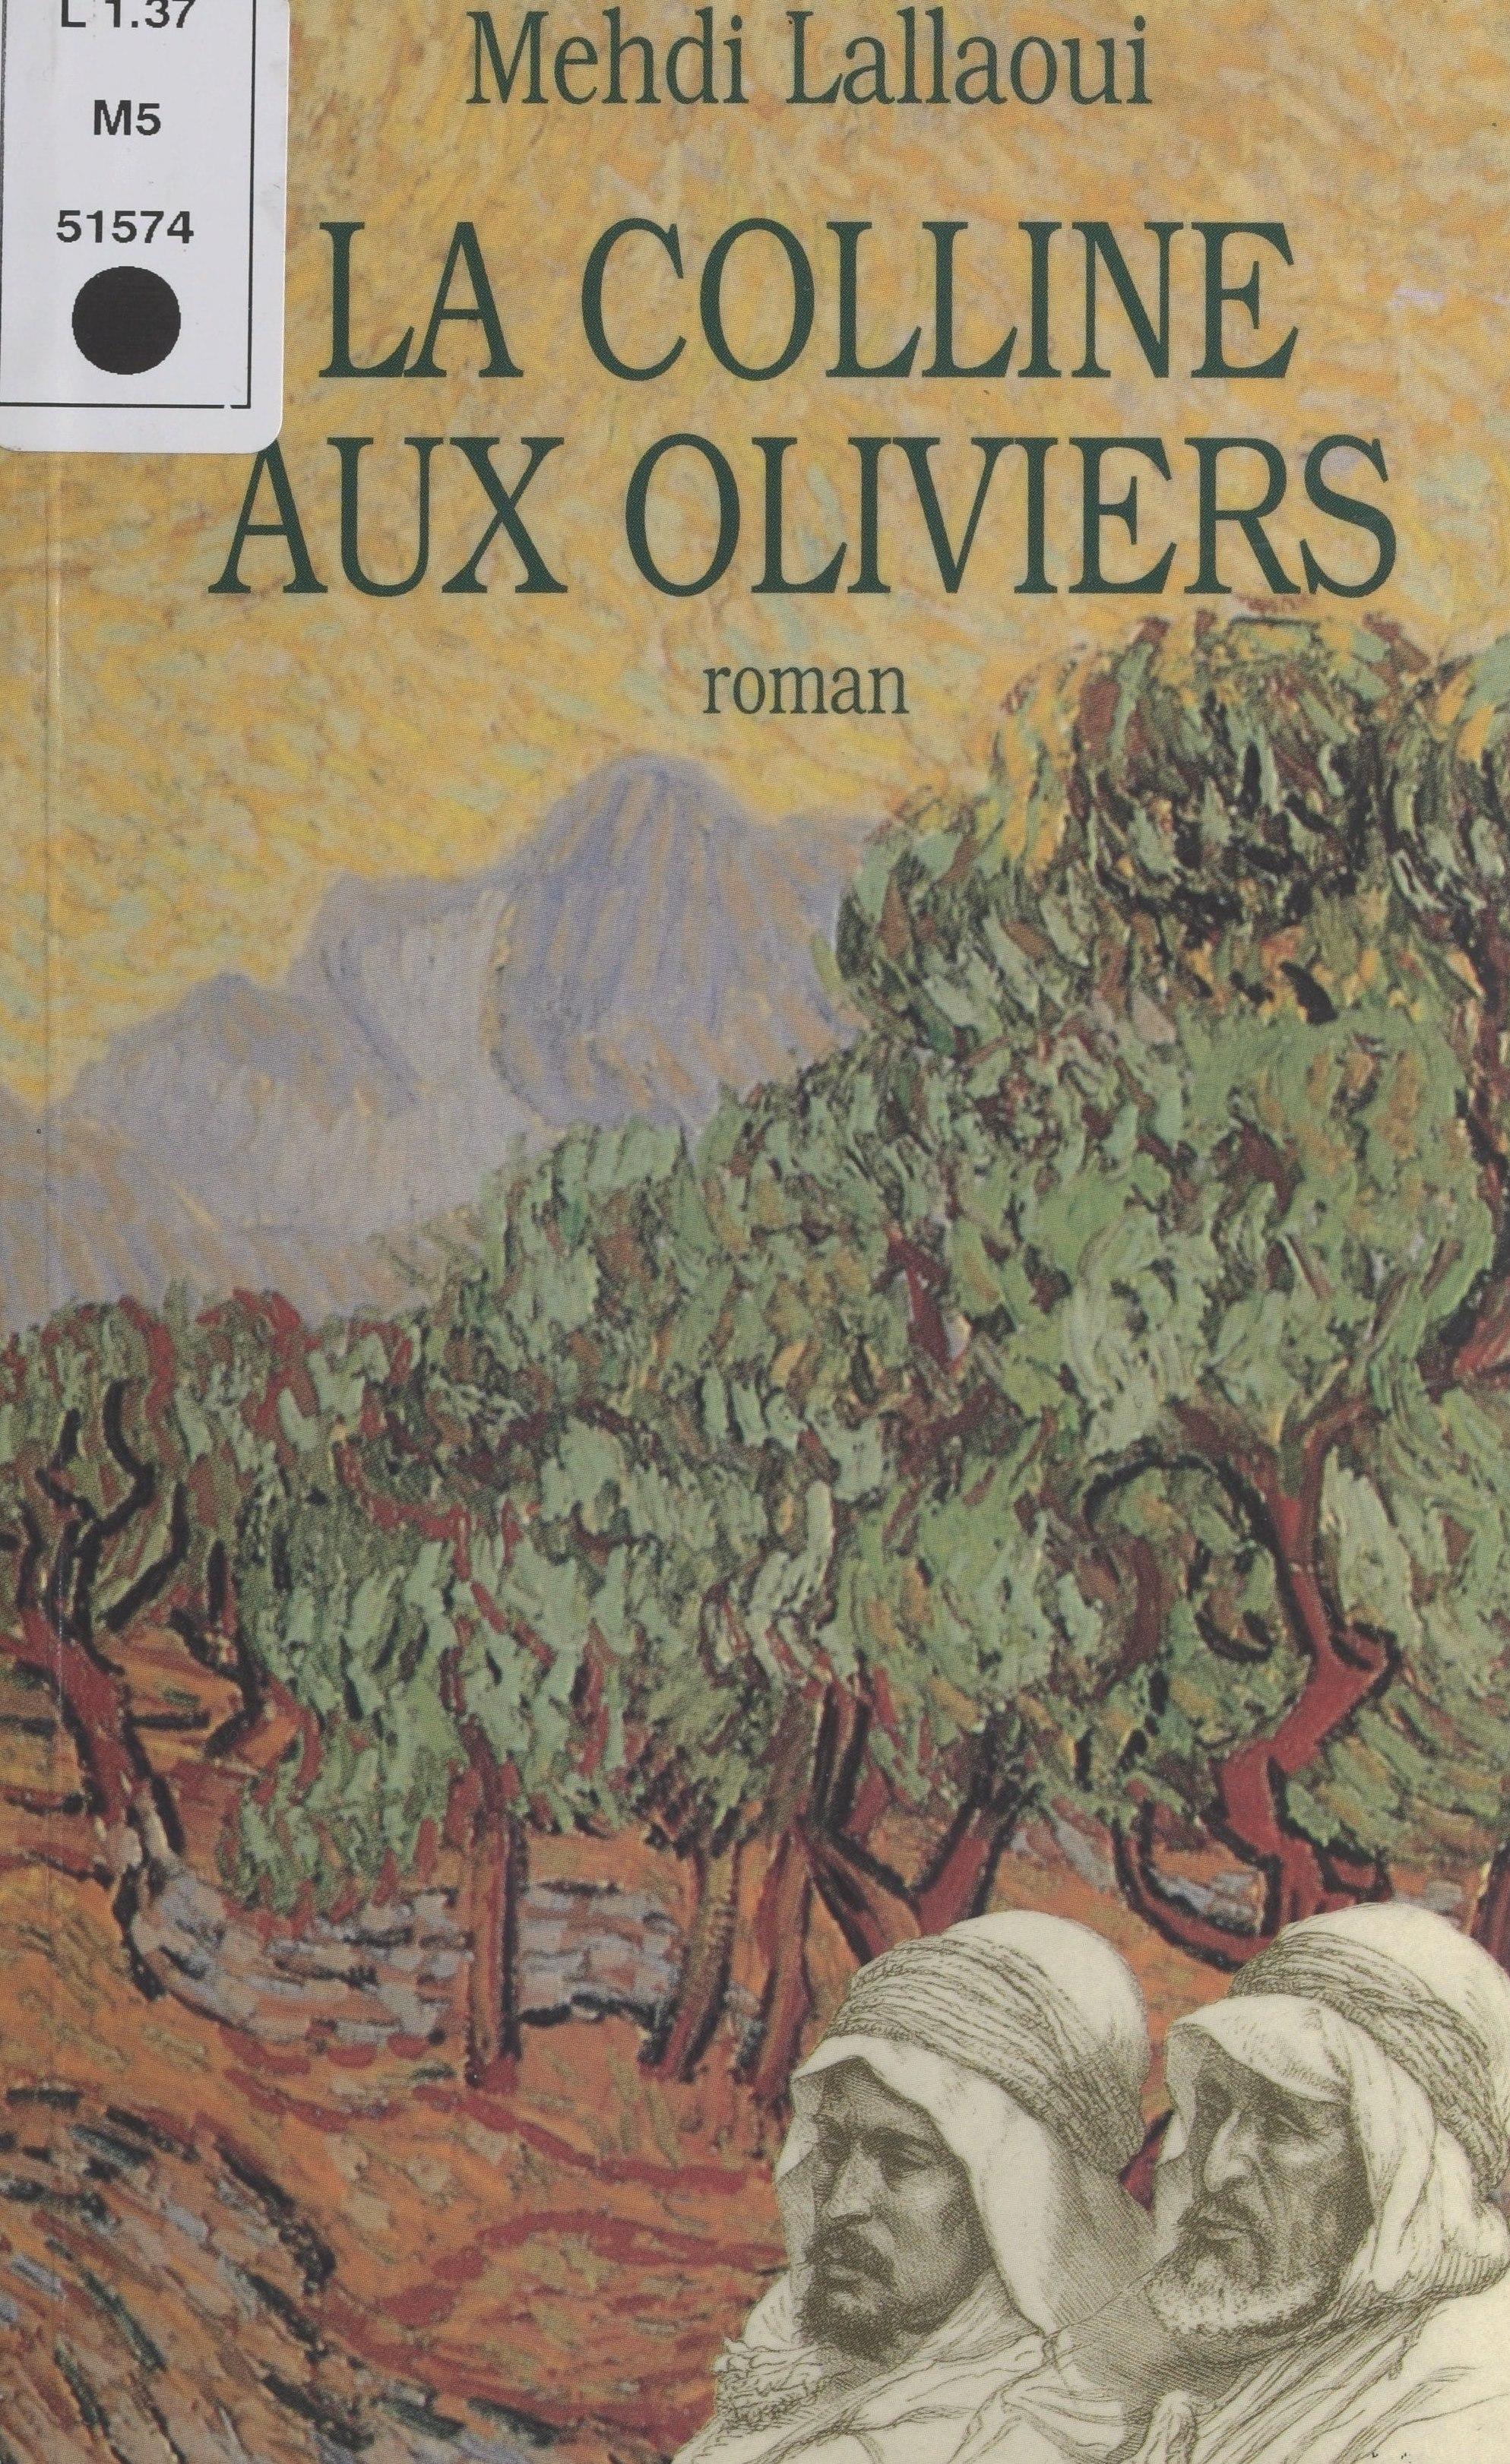 La Colline aux oliviers